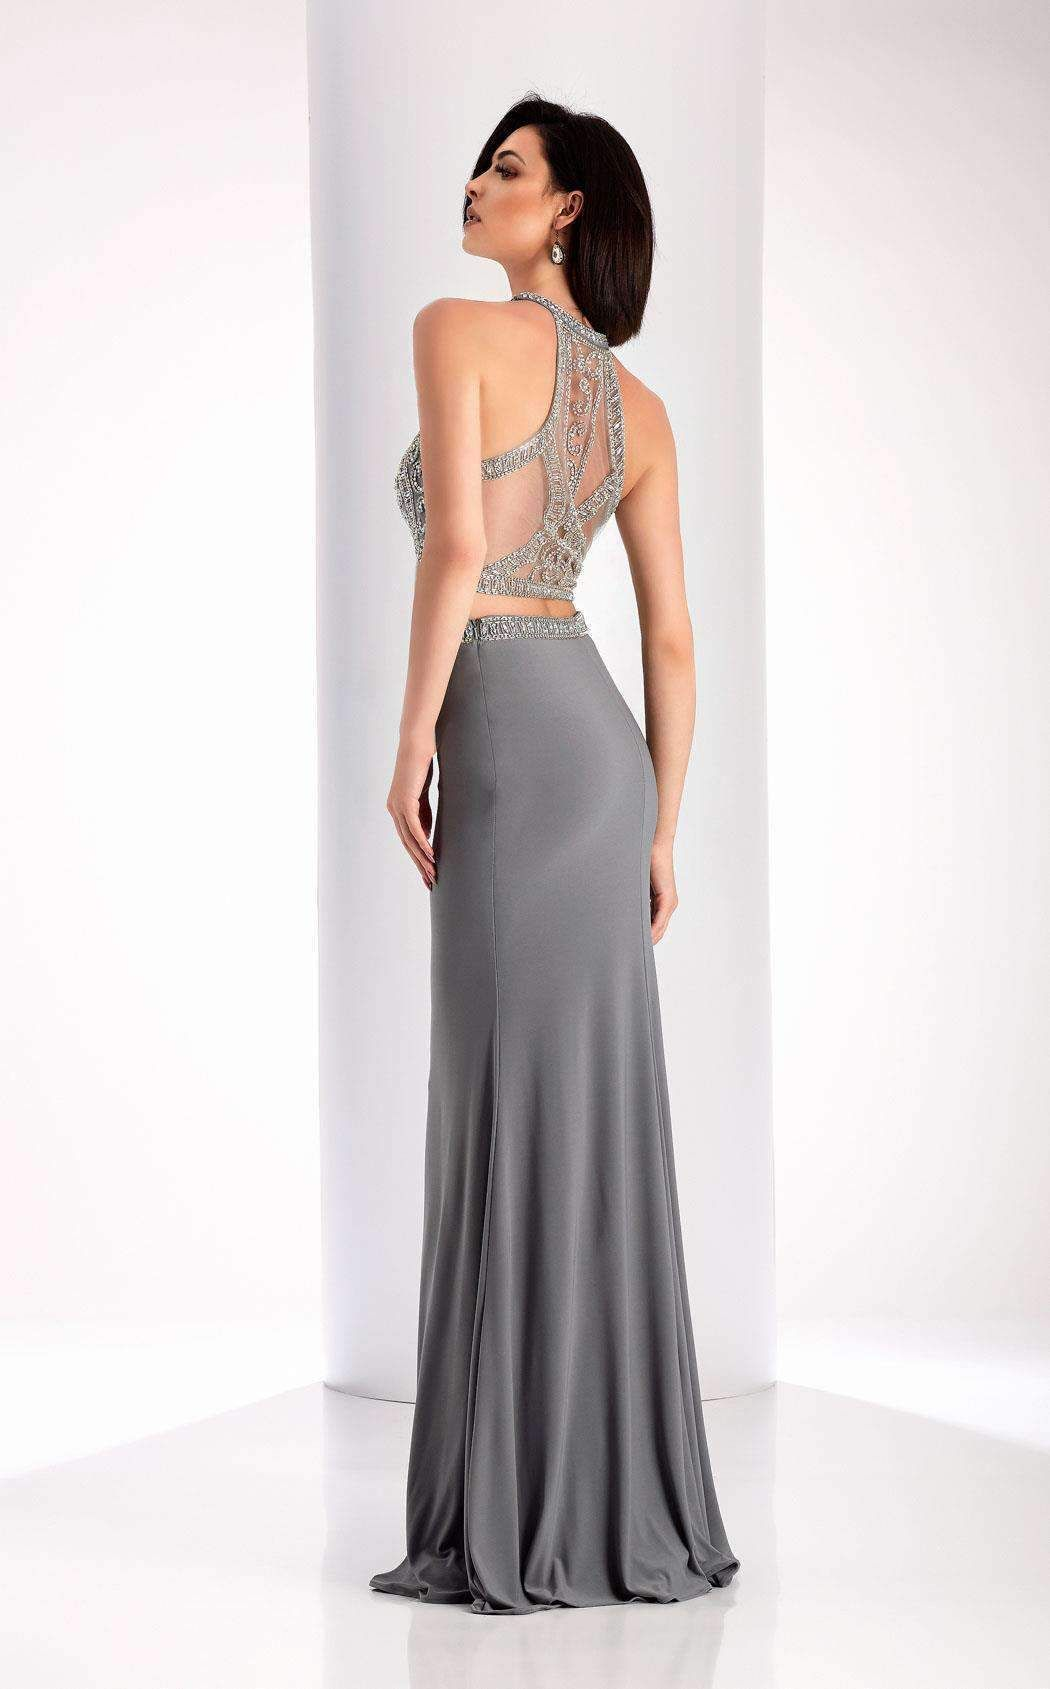 98423103c4d Clarisse 3006. Clarisse 3006 Metallic Formal Dresses